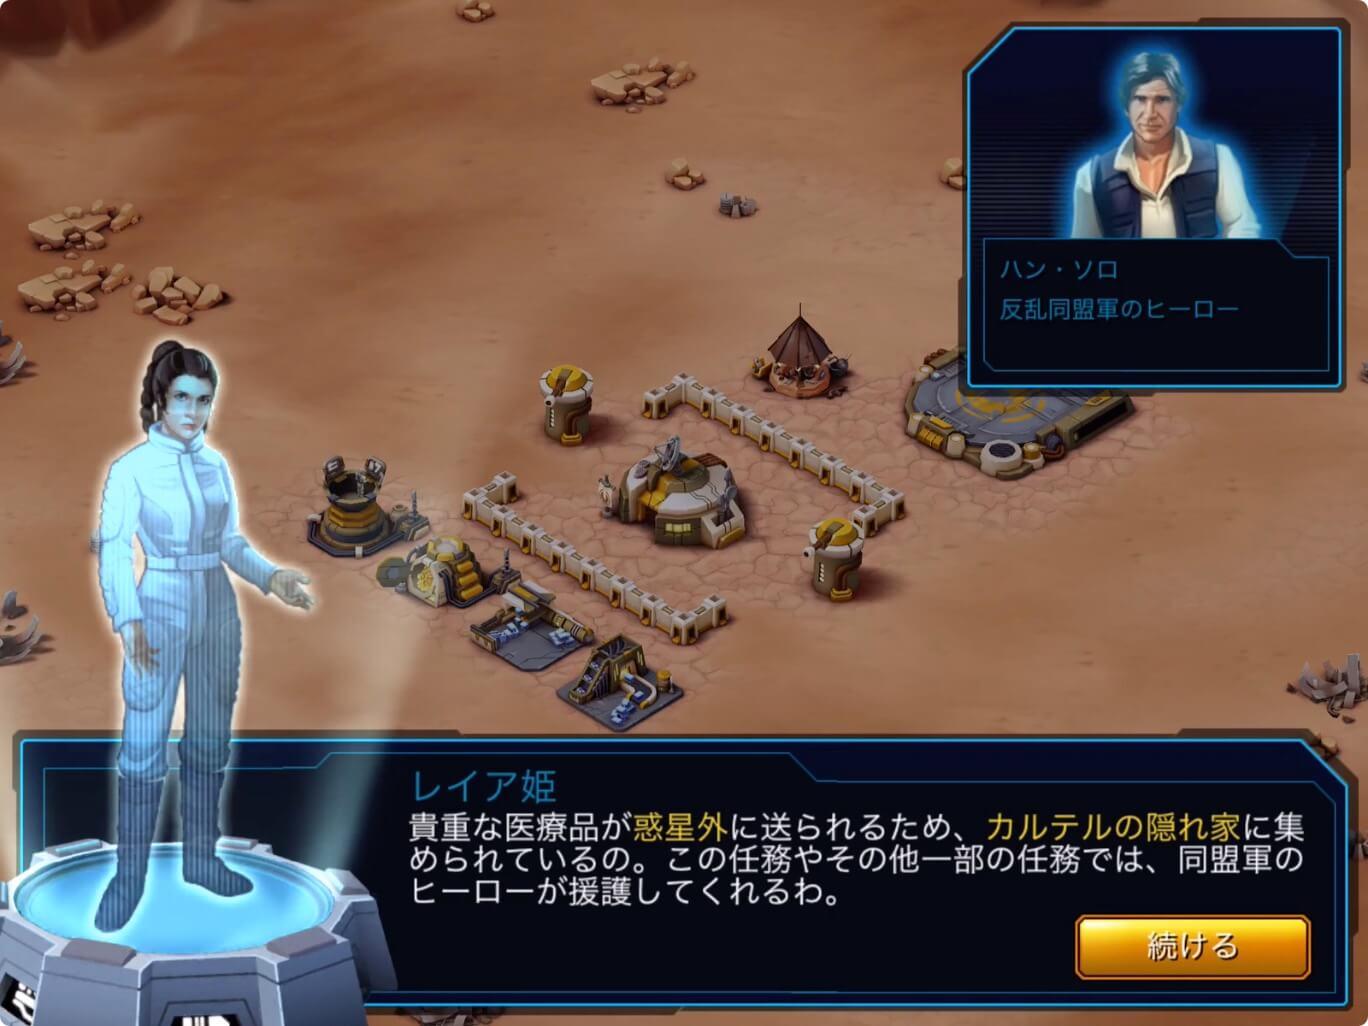 スターウォーズコマンダーの自分の基地画像です。